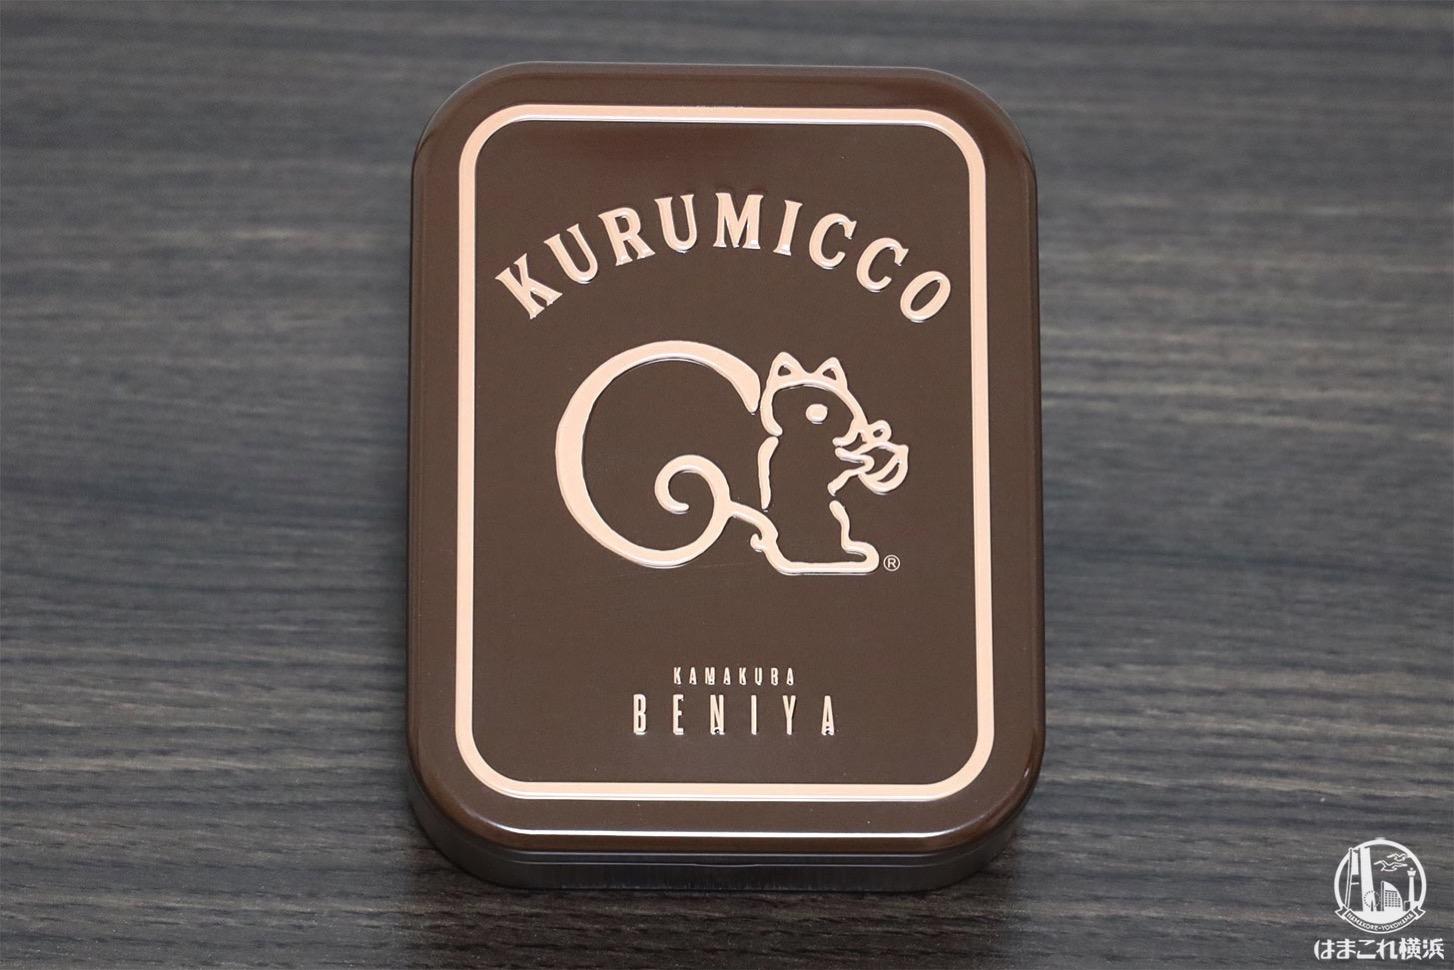 クルミッ子の缶